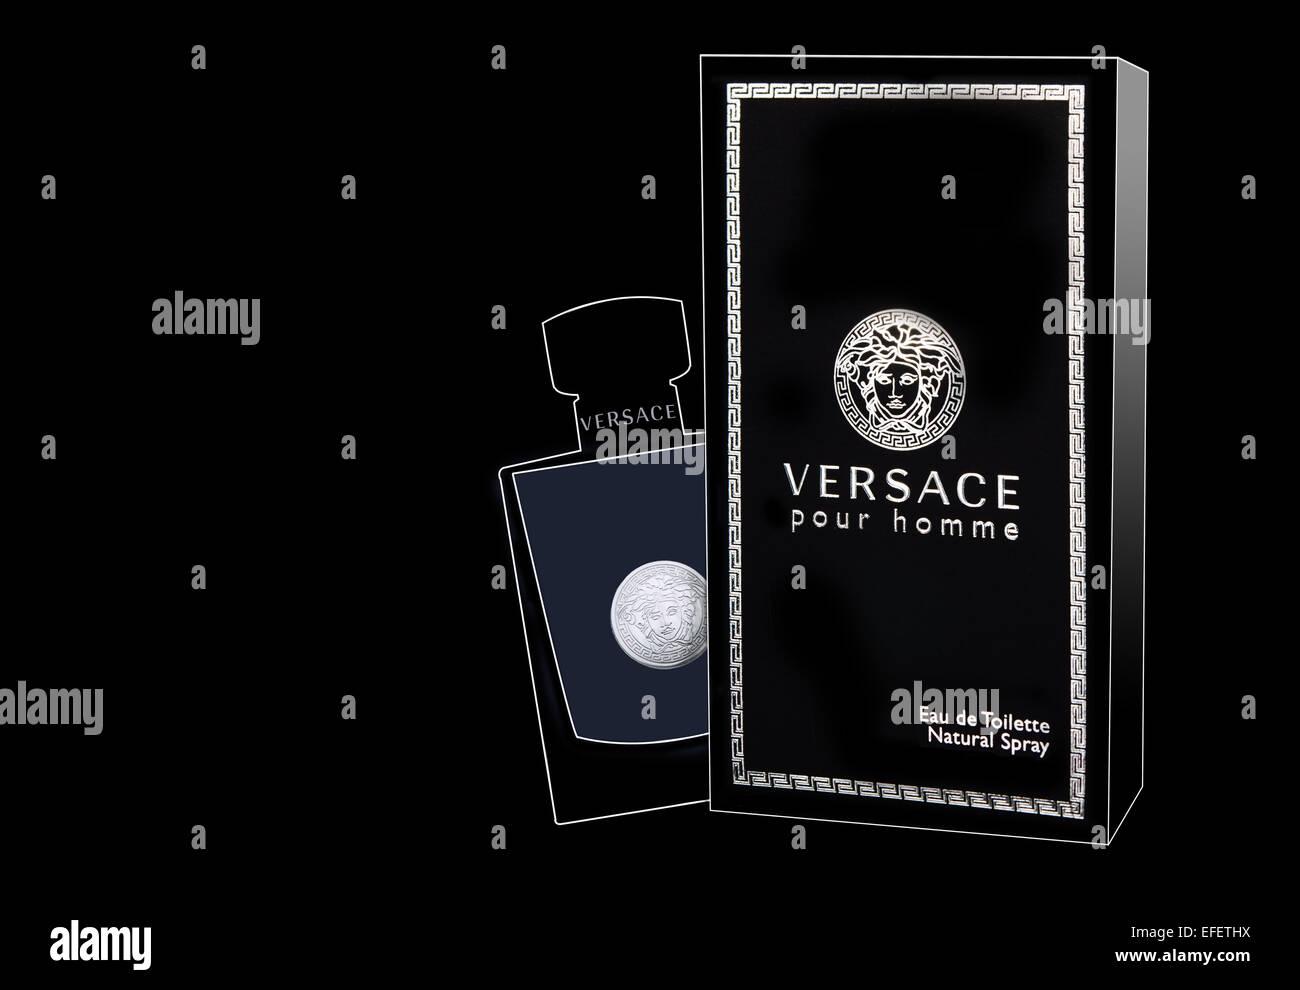 Versace pour homme cuadro esquematizado y botella para la fotografía del producto sobre fondo negro Imagen De Stock